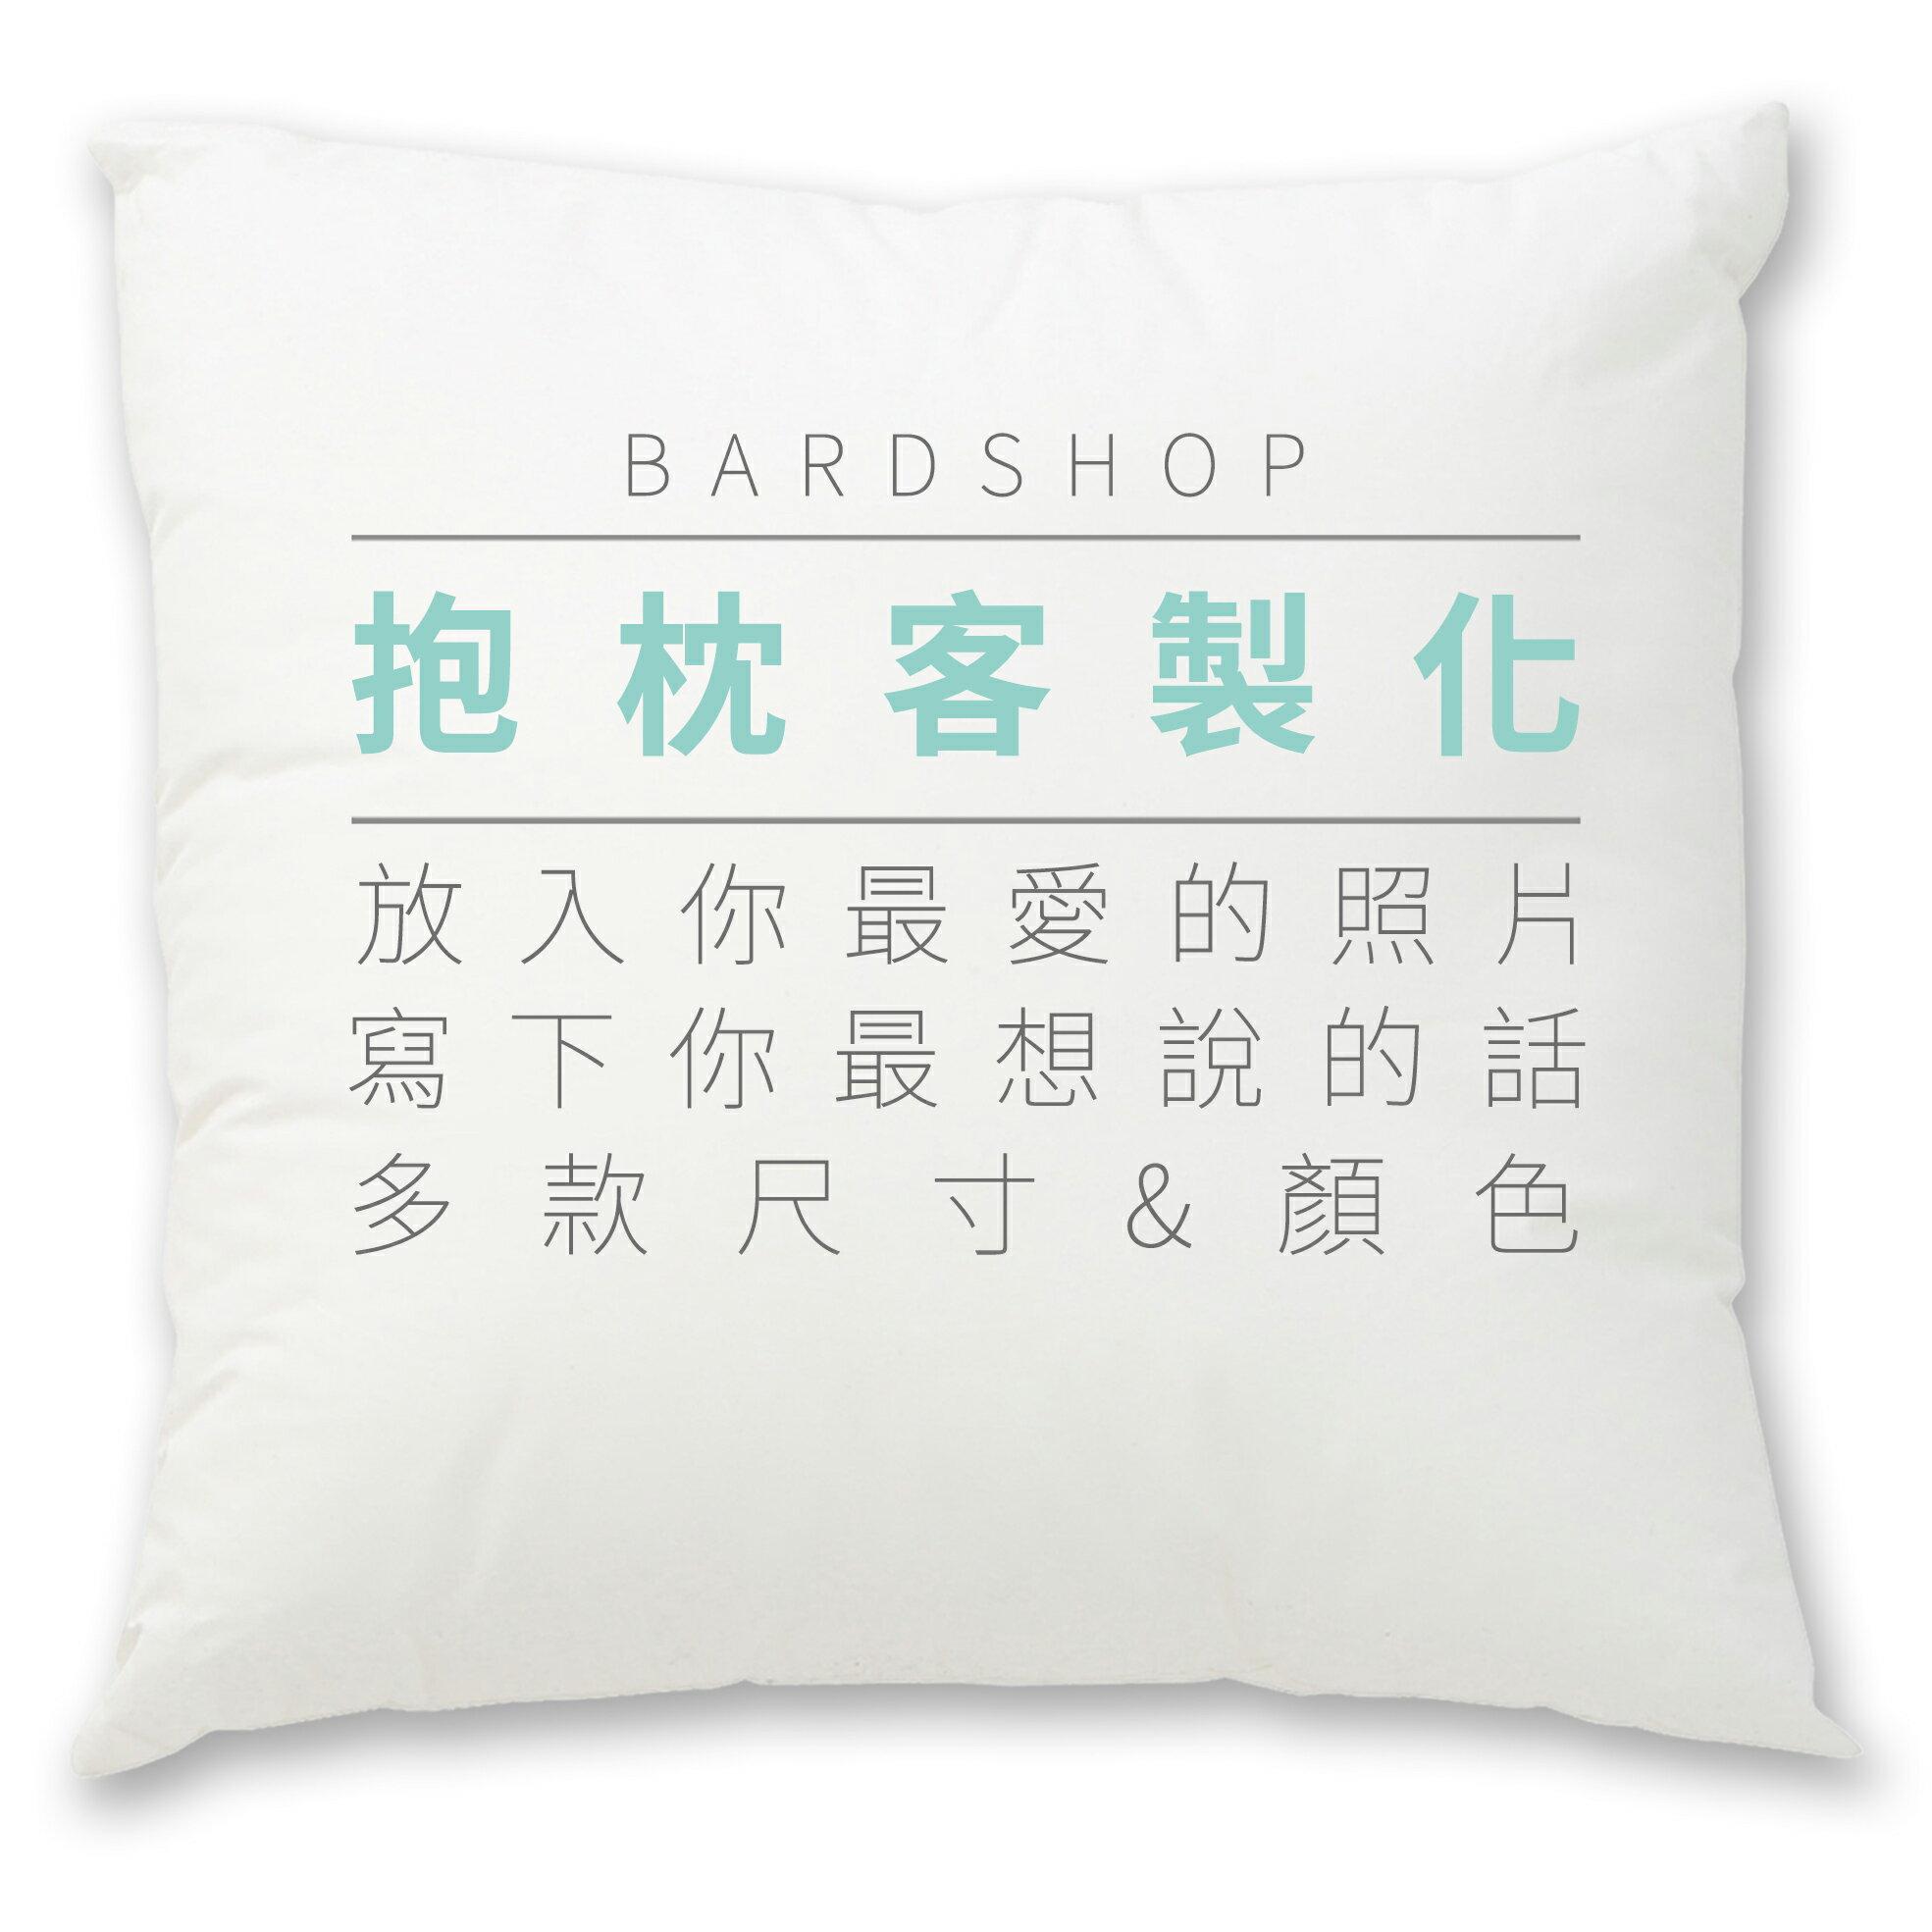 【客製圖案】Bardshop客製手工絨毛布抱枕-質感客製 DIY不再困難 工廠直營/無框畫/客製化/質感家具 0